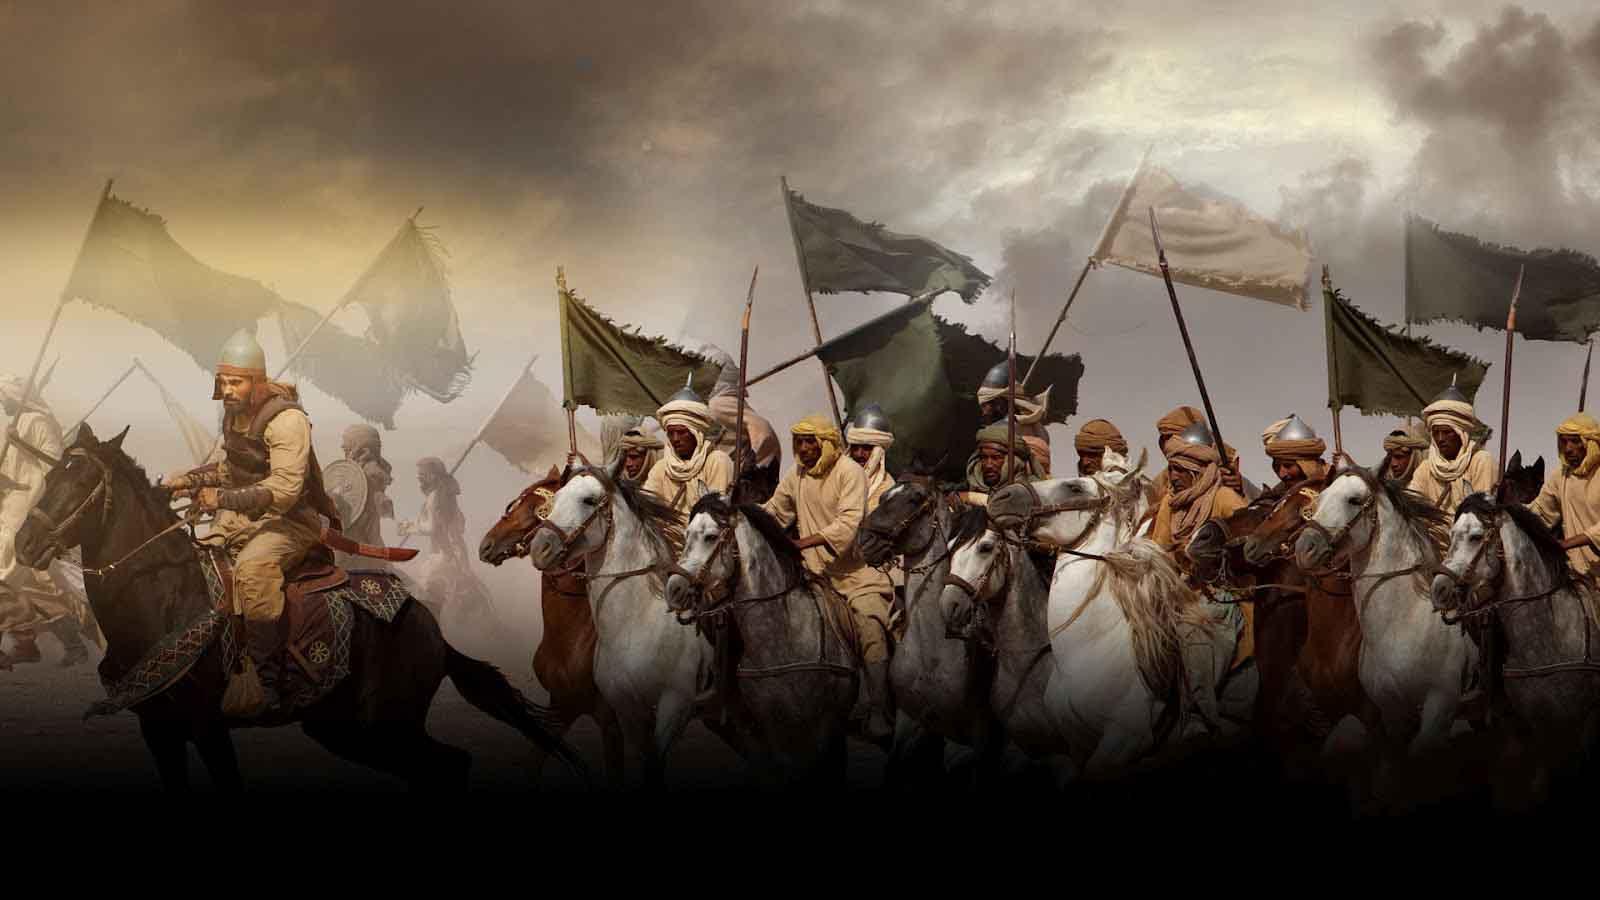 sejarah khalifah islam Perang Sayyidina Ali dan Muawiyah bani umayyah